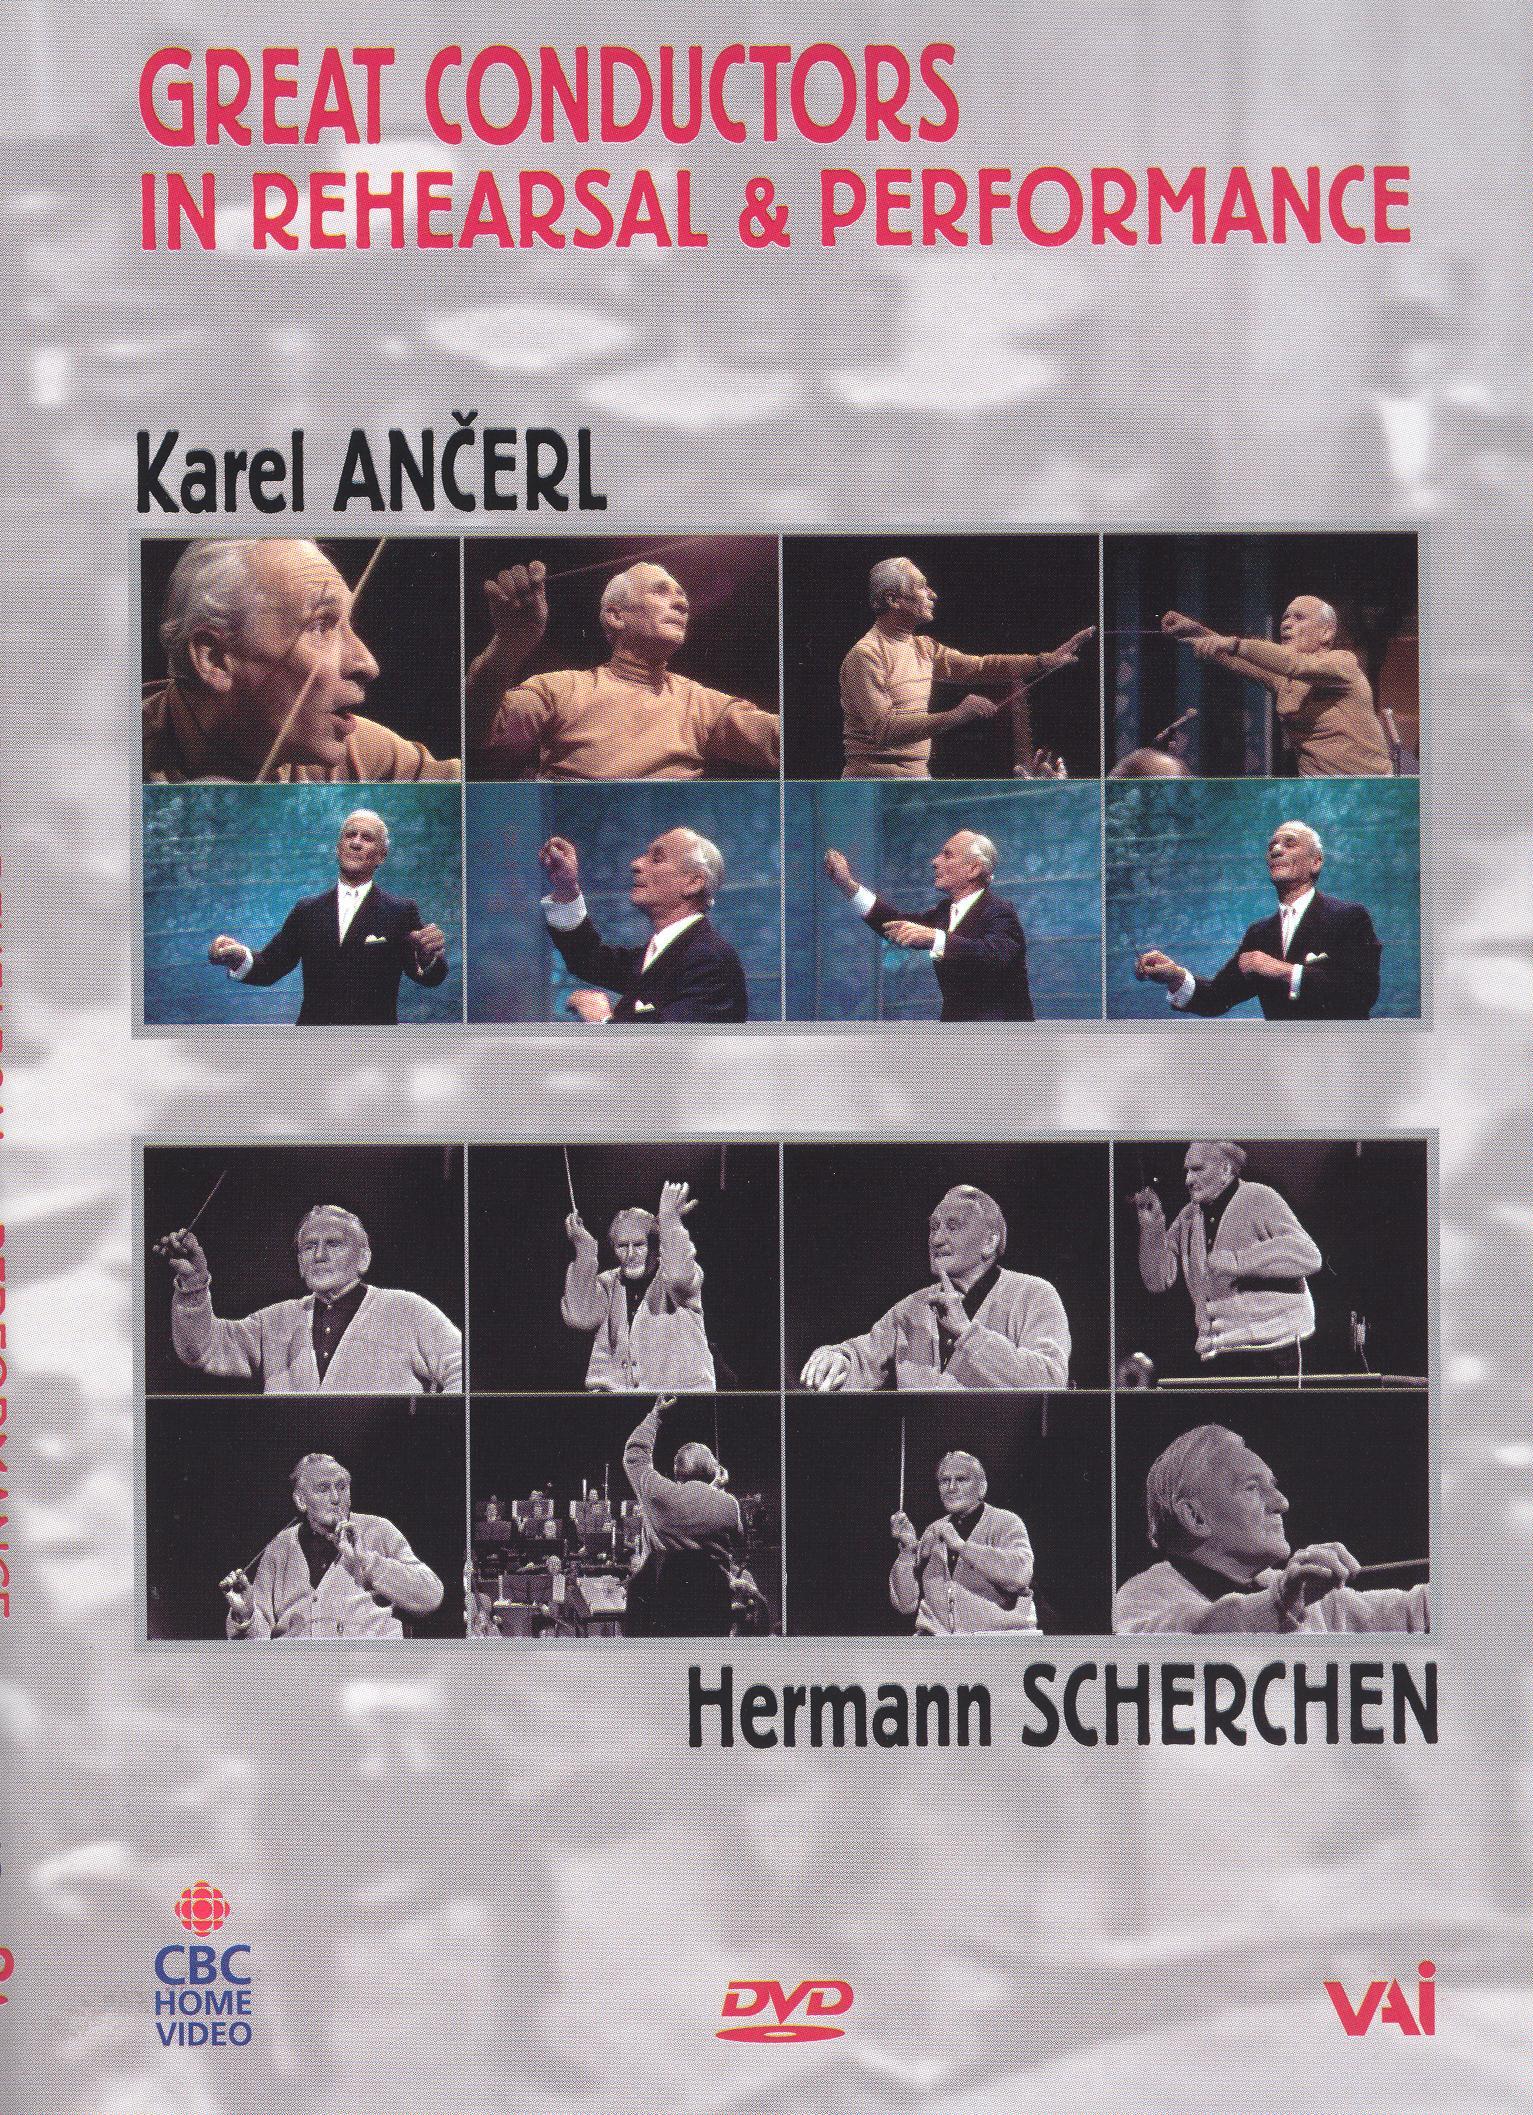 Great Conductors in Rehearsal & Performance: Karl Ancerl / Herman Scherchen